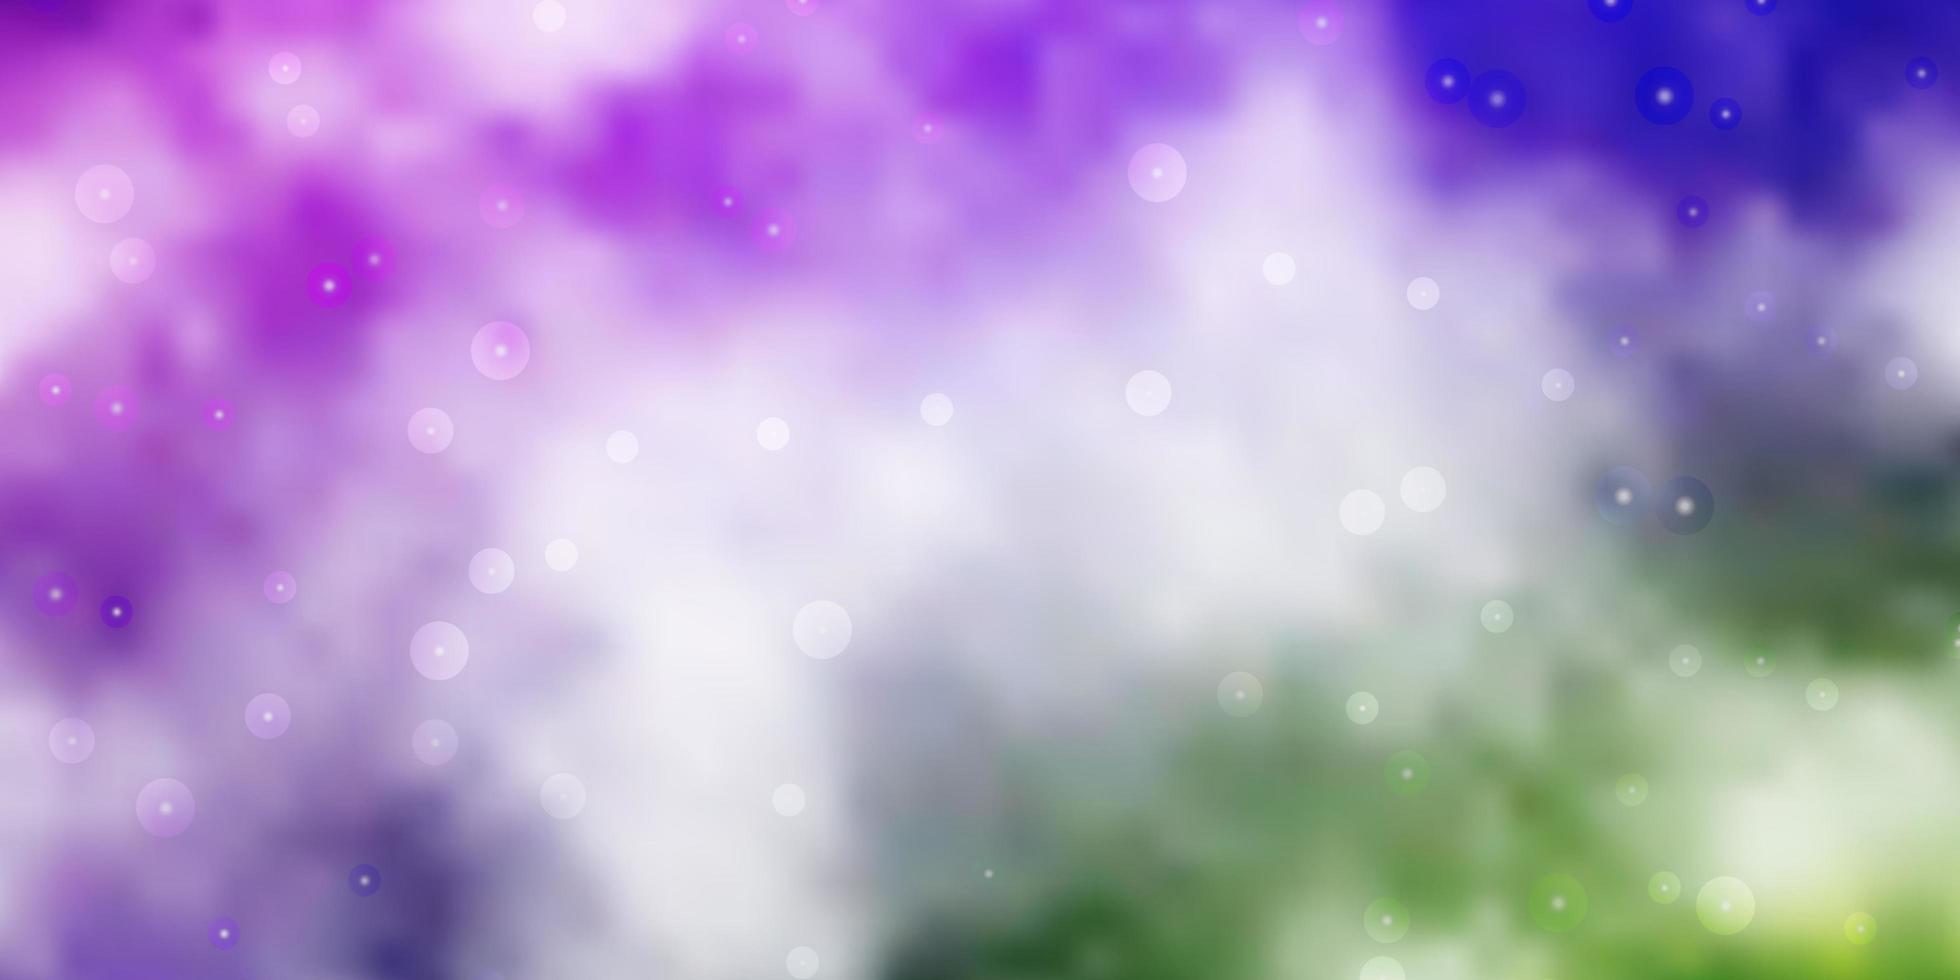 lichtroze, groene vectorachtergrond met kleine en grote sterren. vector